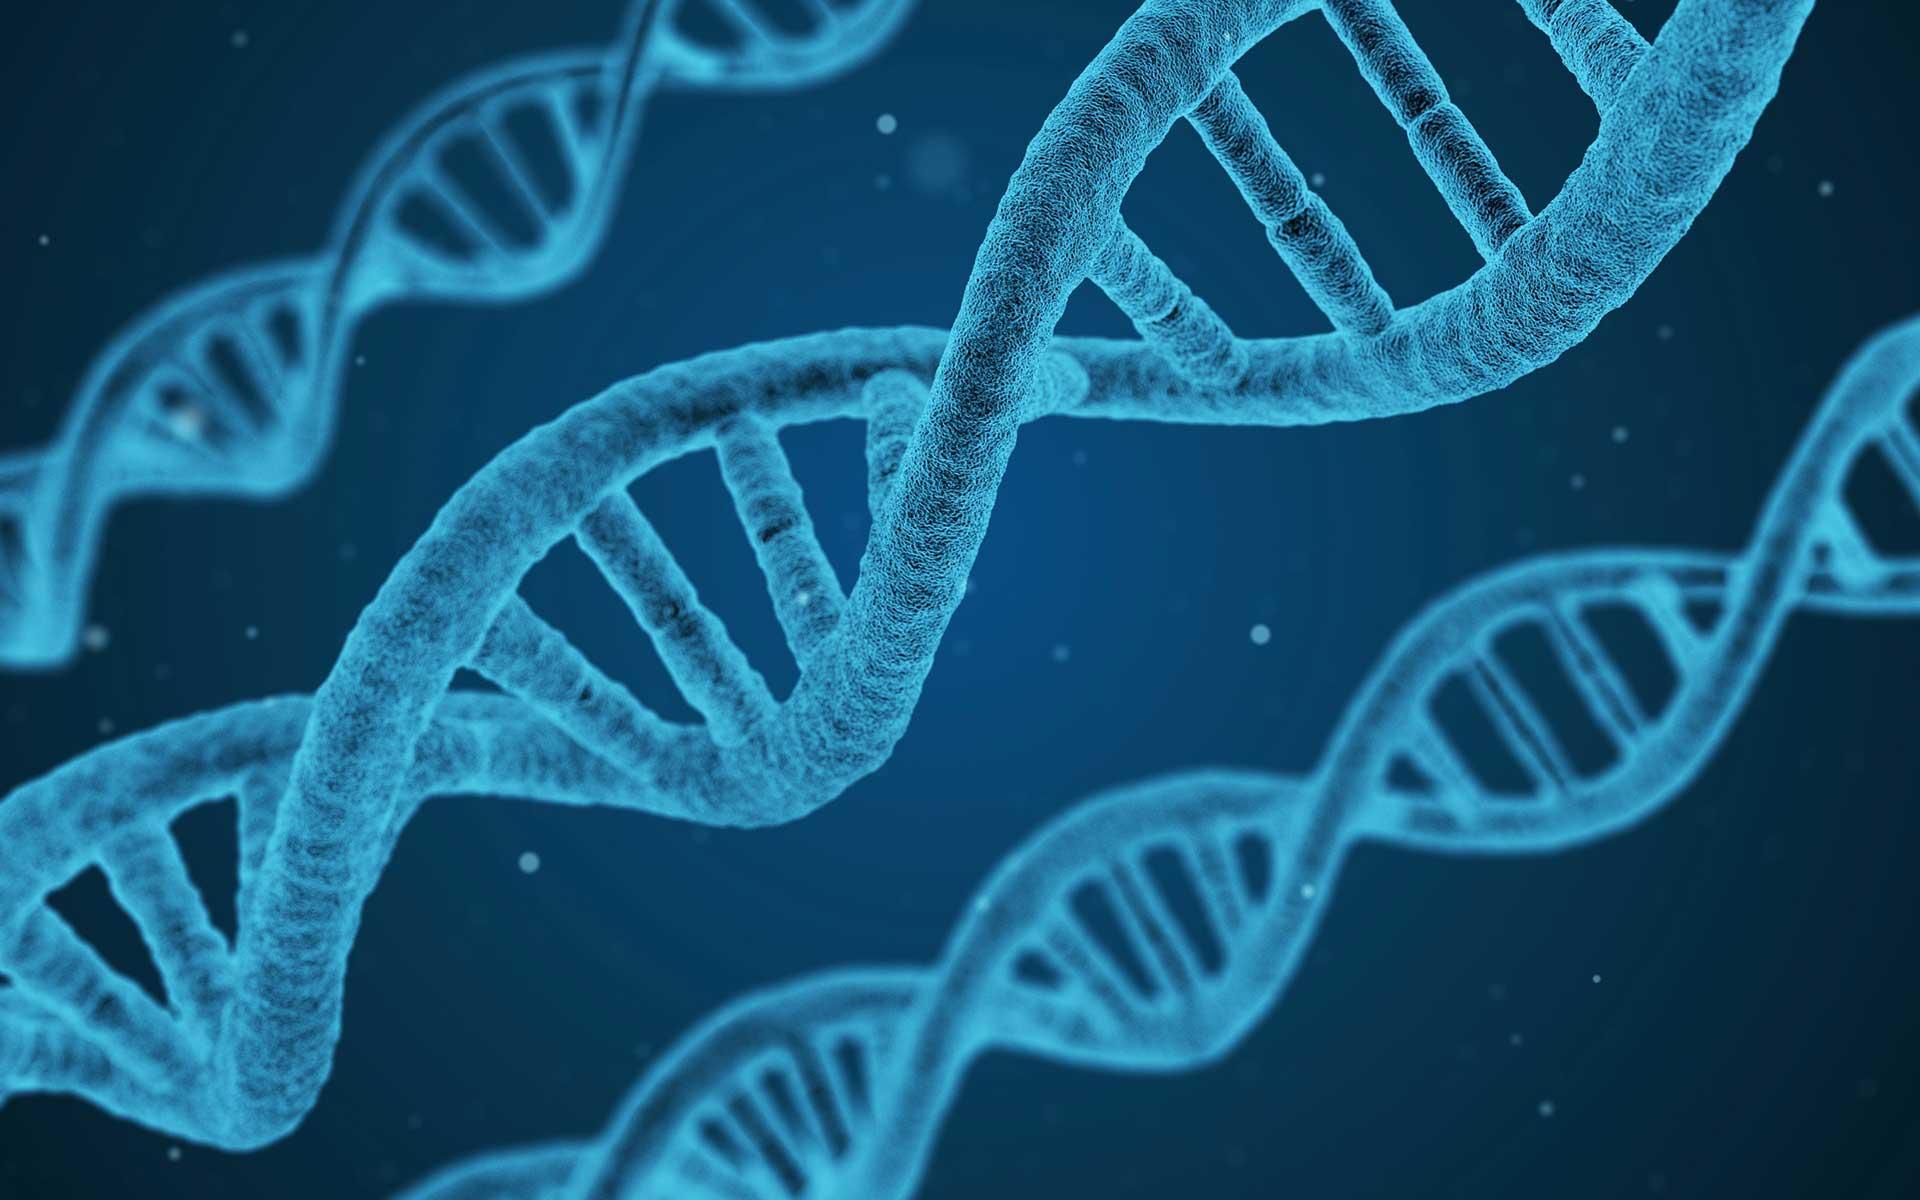 Human DNA bound by Nrf2